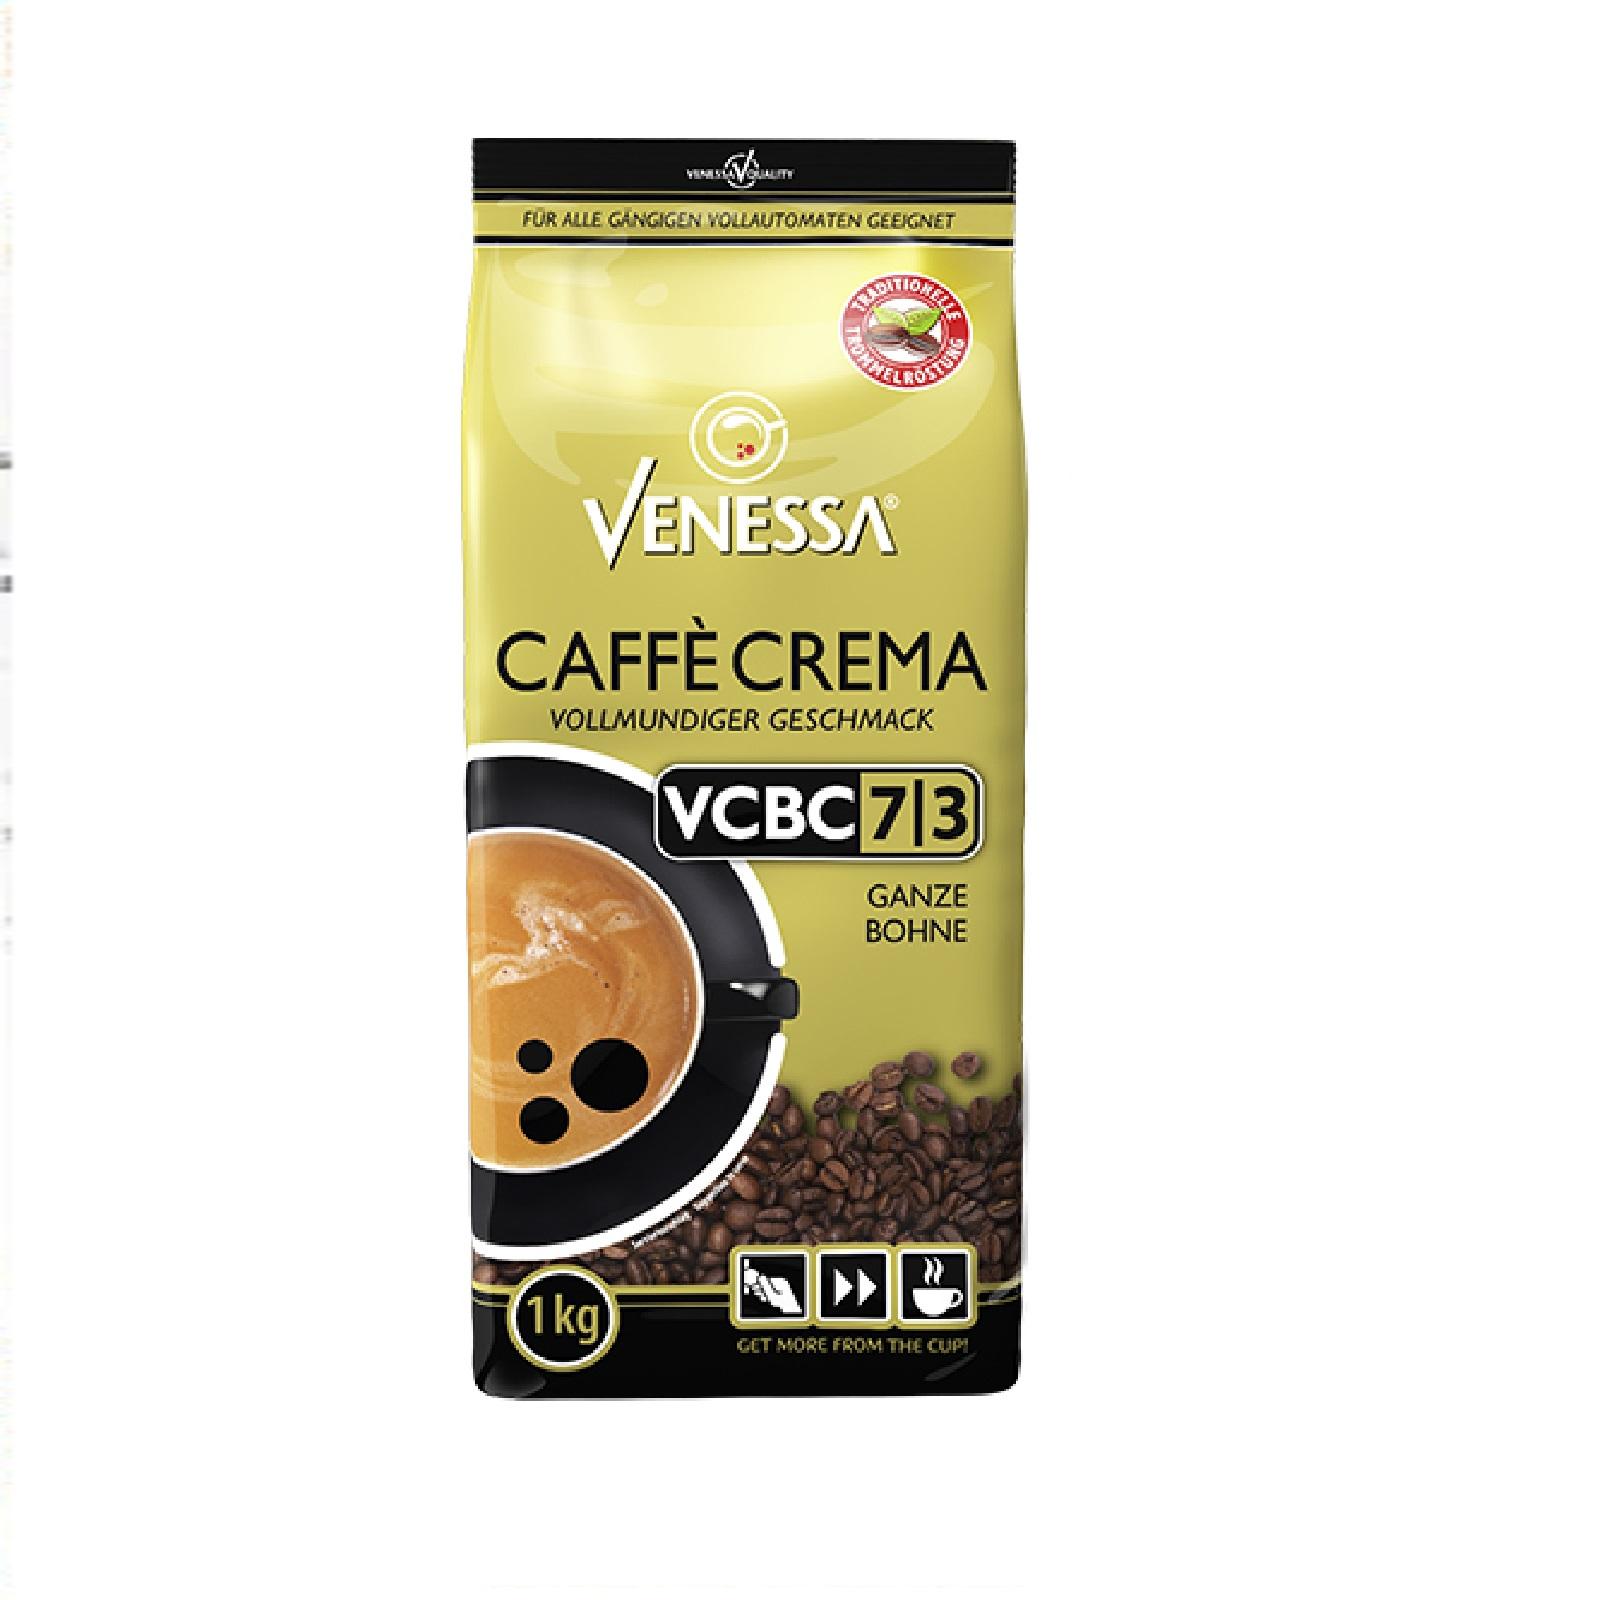 Venessa Caffè Crema 1kg VCBC 7/3 ganze Bohne